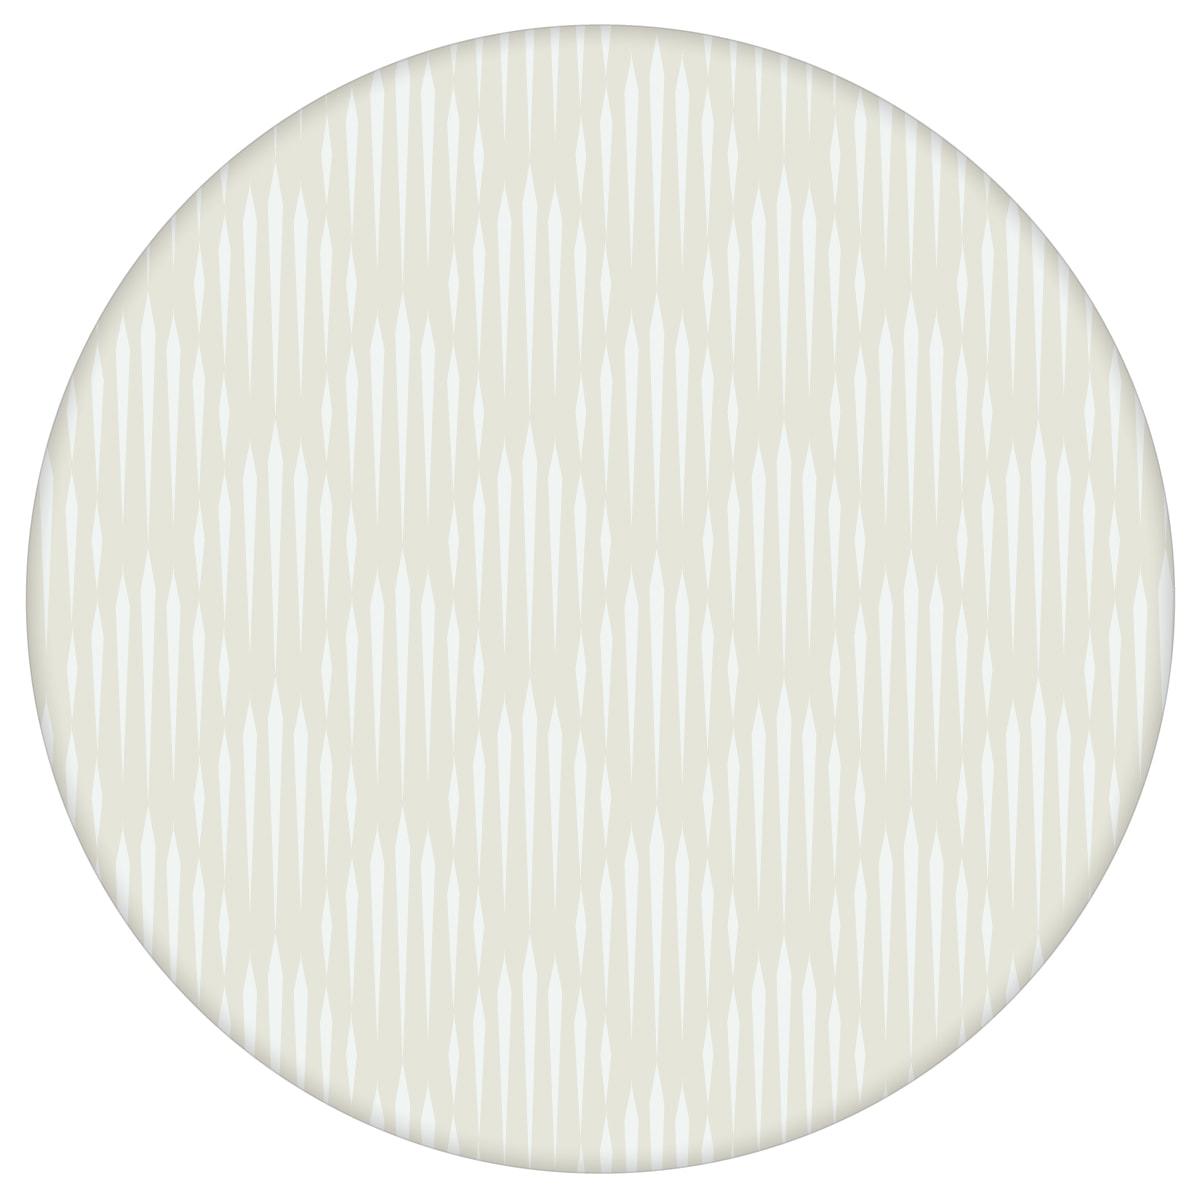 Grafische Design Tapete Art Deko Diamant in beige, Ornamenttapete als Wandgestaltungaus dem GMM-BERLIN.com Sortiment: weisse Tapete zur Raumgestaltung: #Ambiente #Art Deco #beige – cremefarbene Tapeten #flurDiamant #Grafik #interior #interiordesign #kueche für individuelles Interiordesign